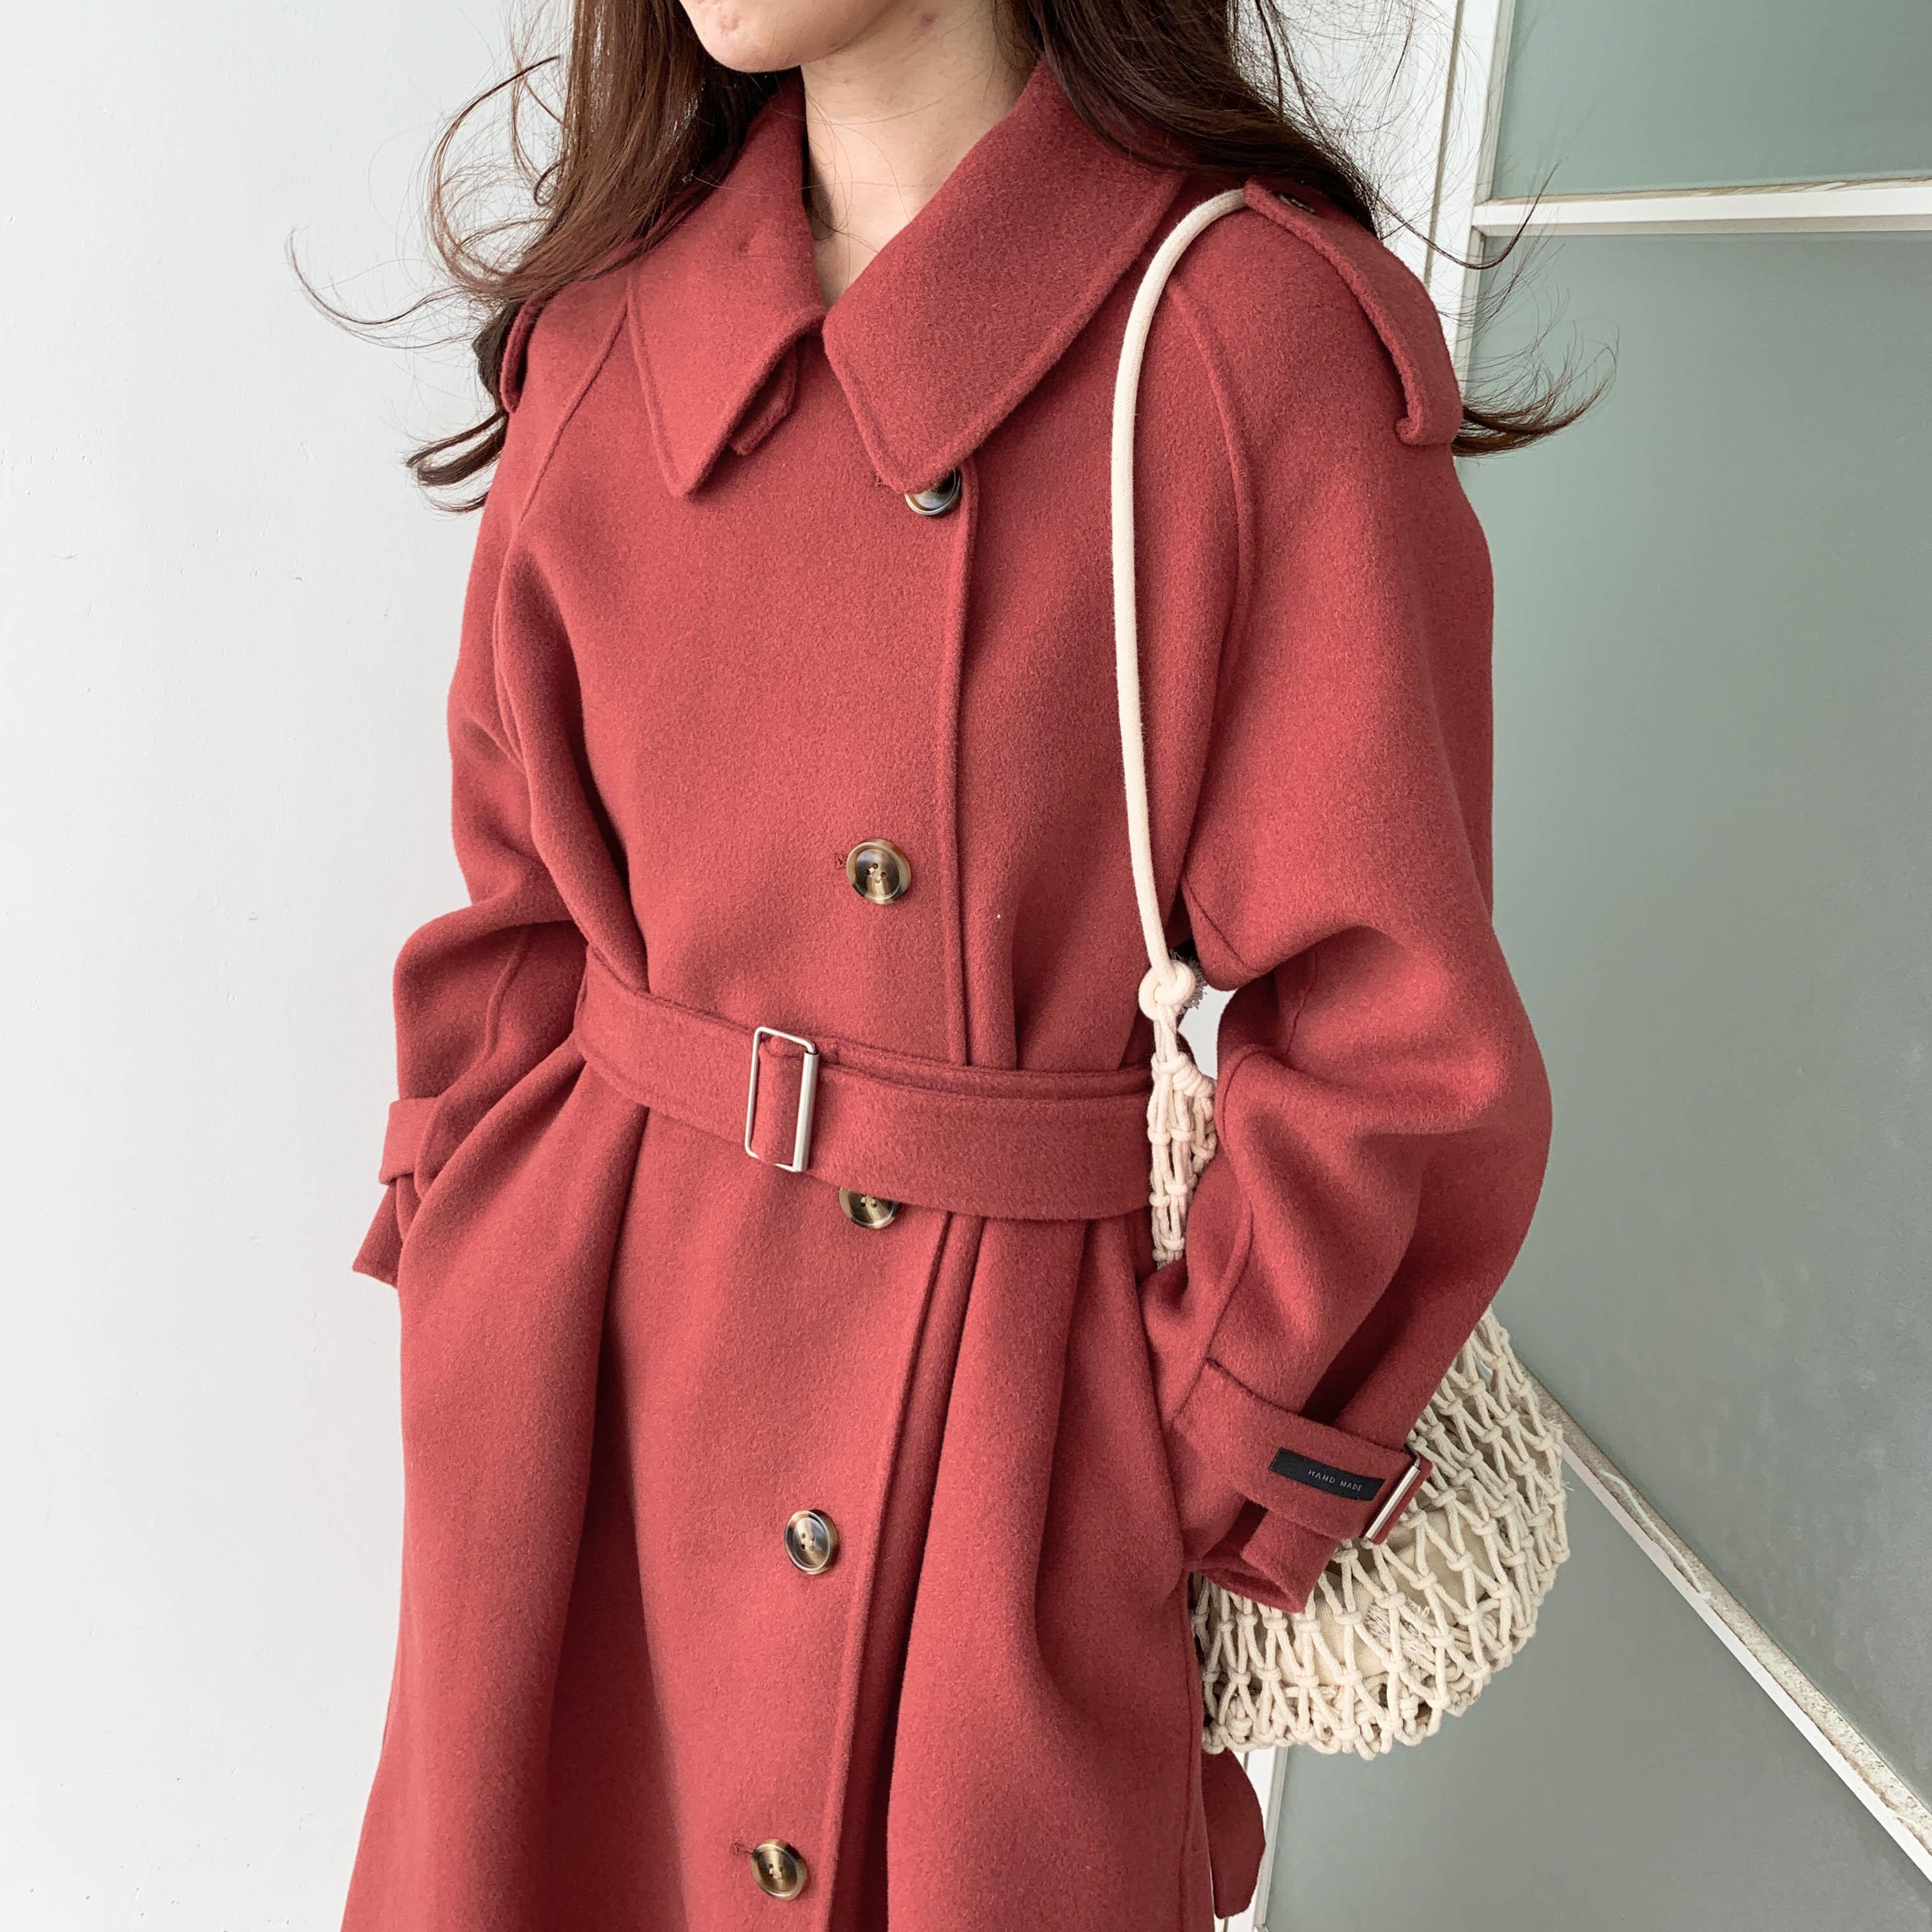 韩版原创手缝羊毛大衣女双面柔软长款2019时尚新款显瘦气质外套